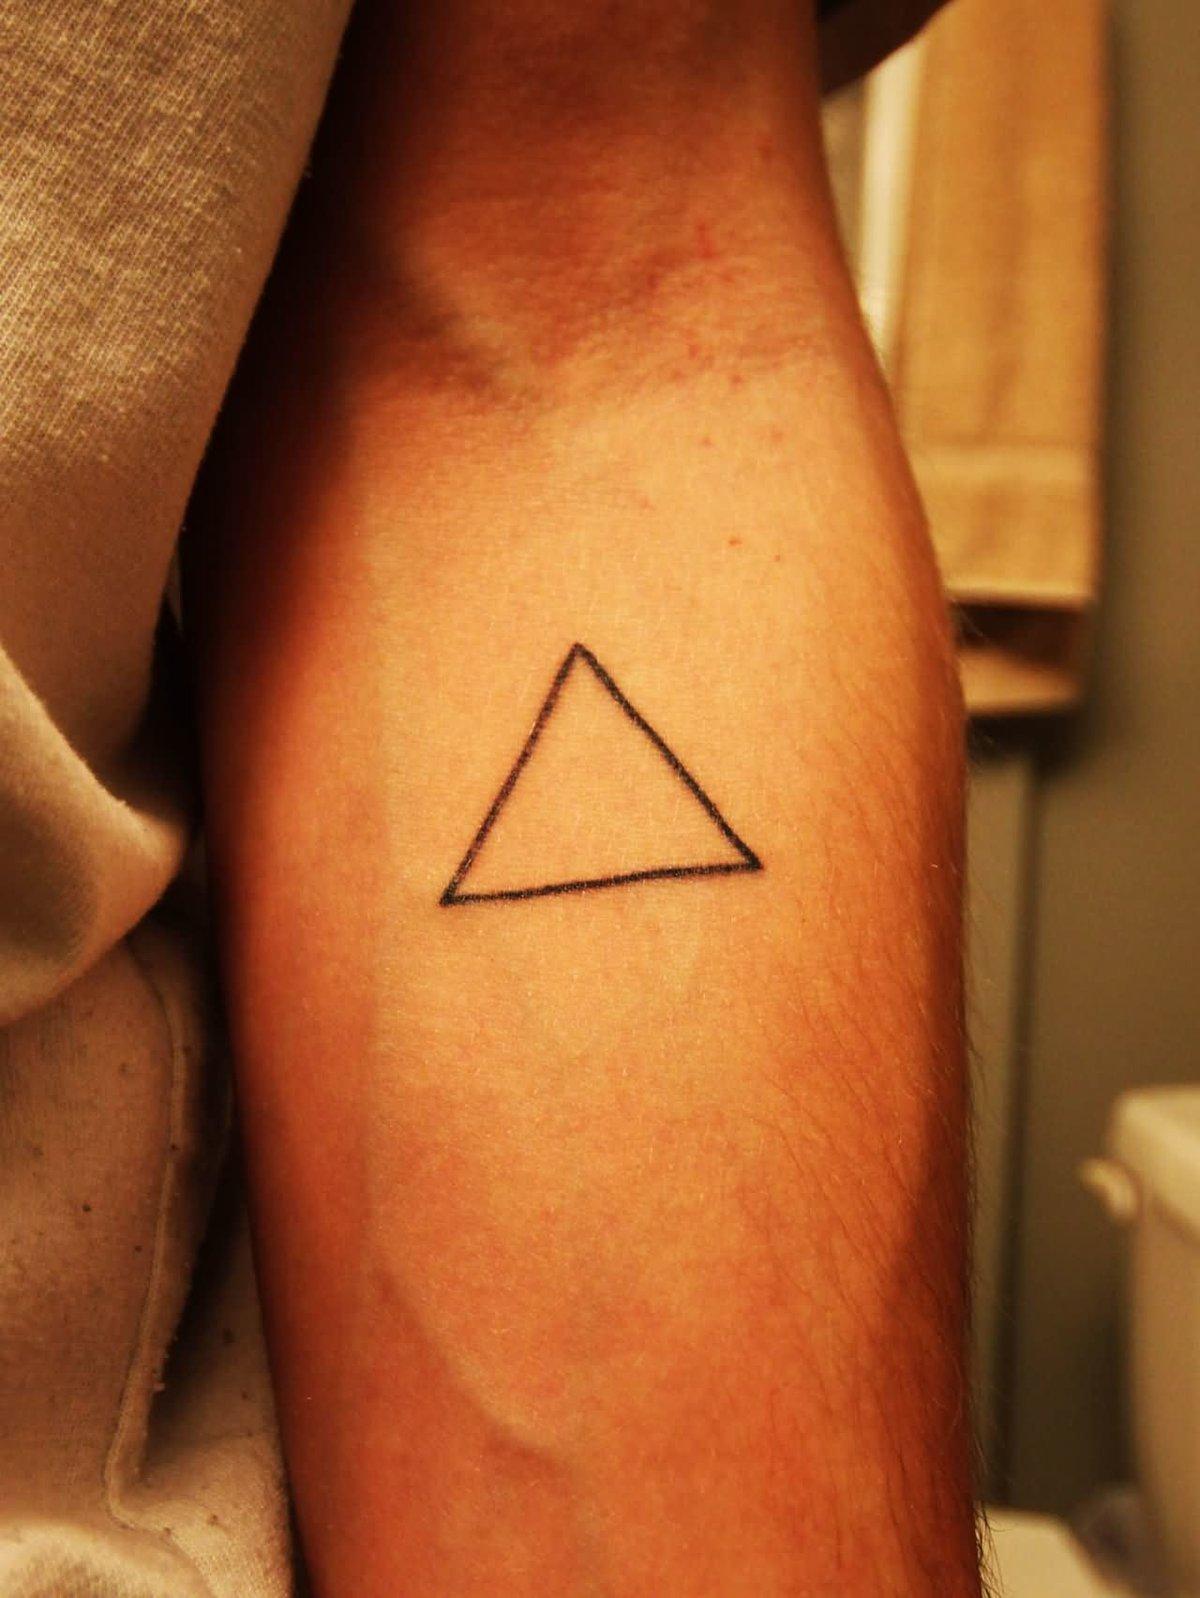 чуткий что означает татуировка треугольника большой фаллос для